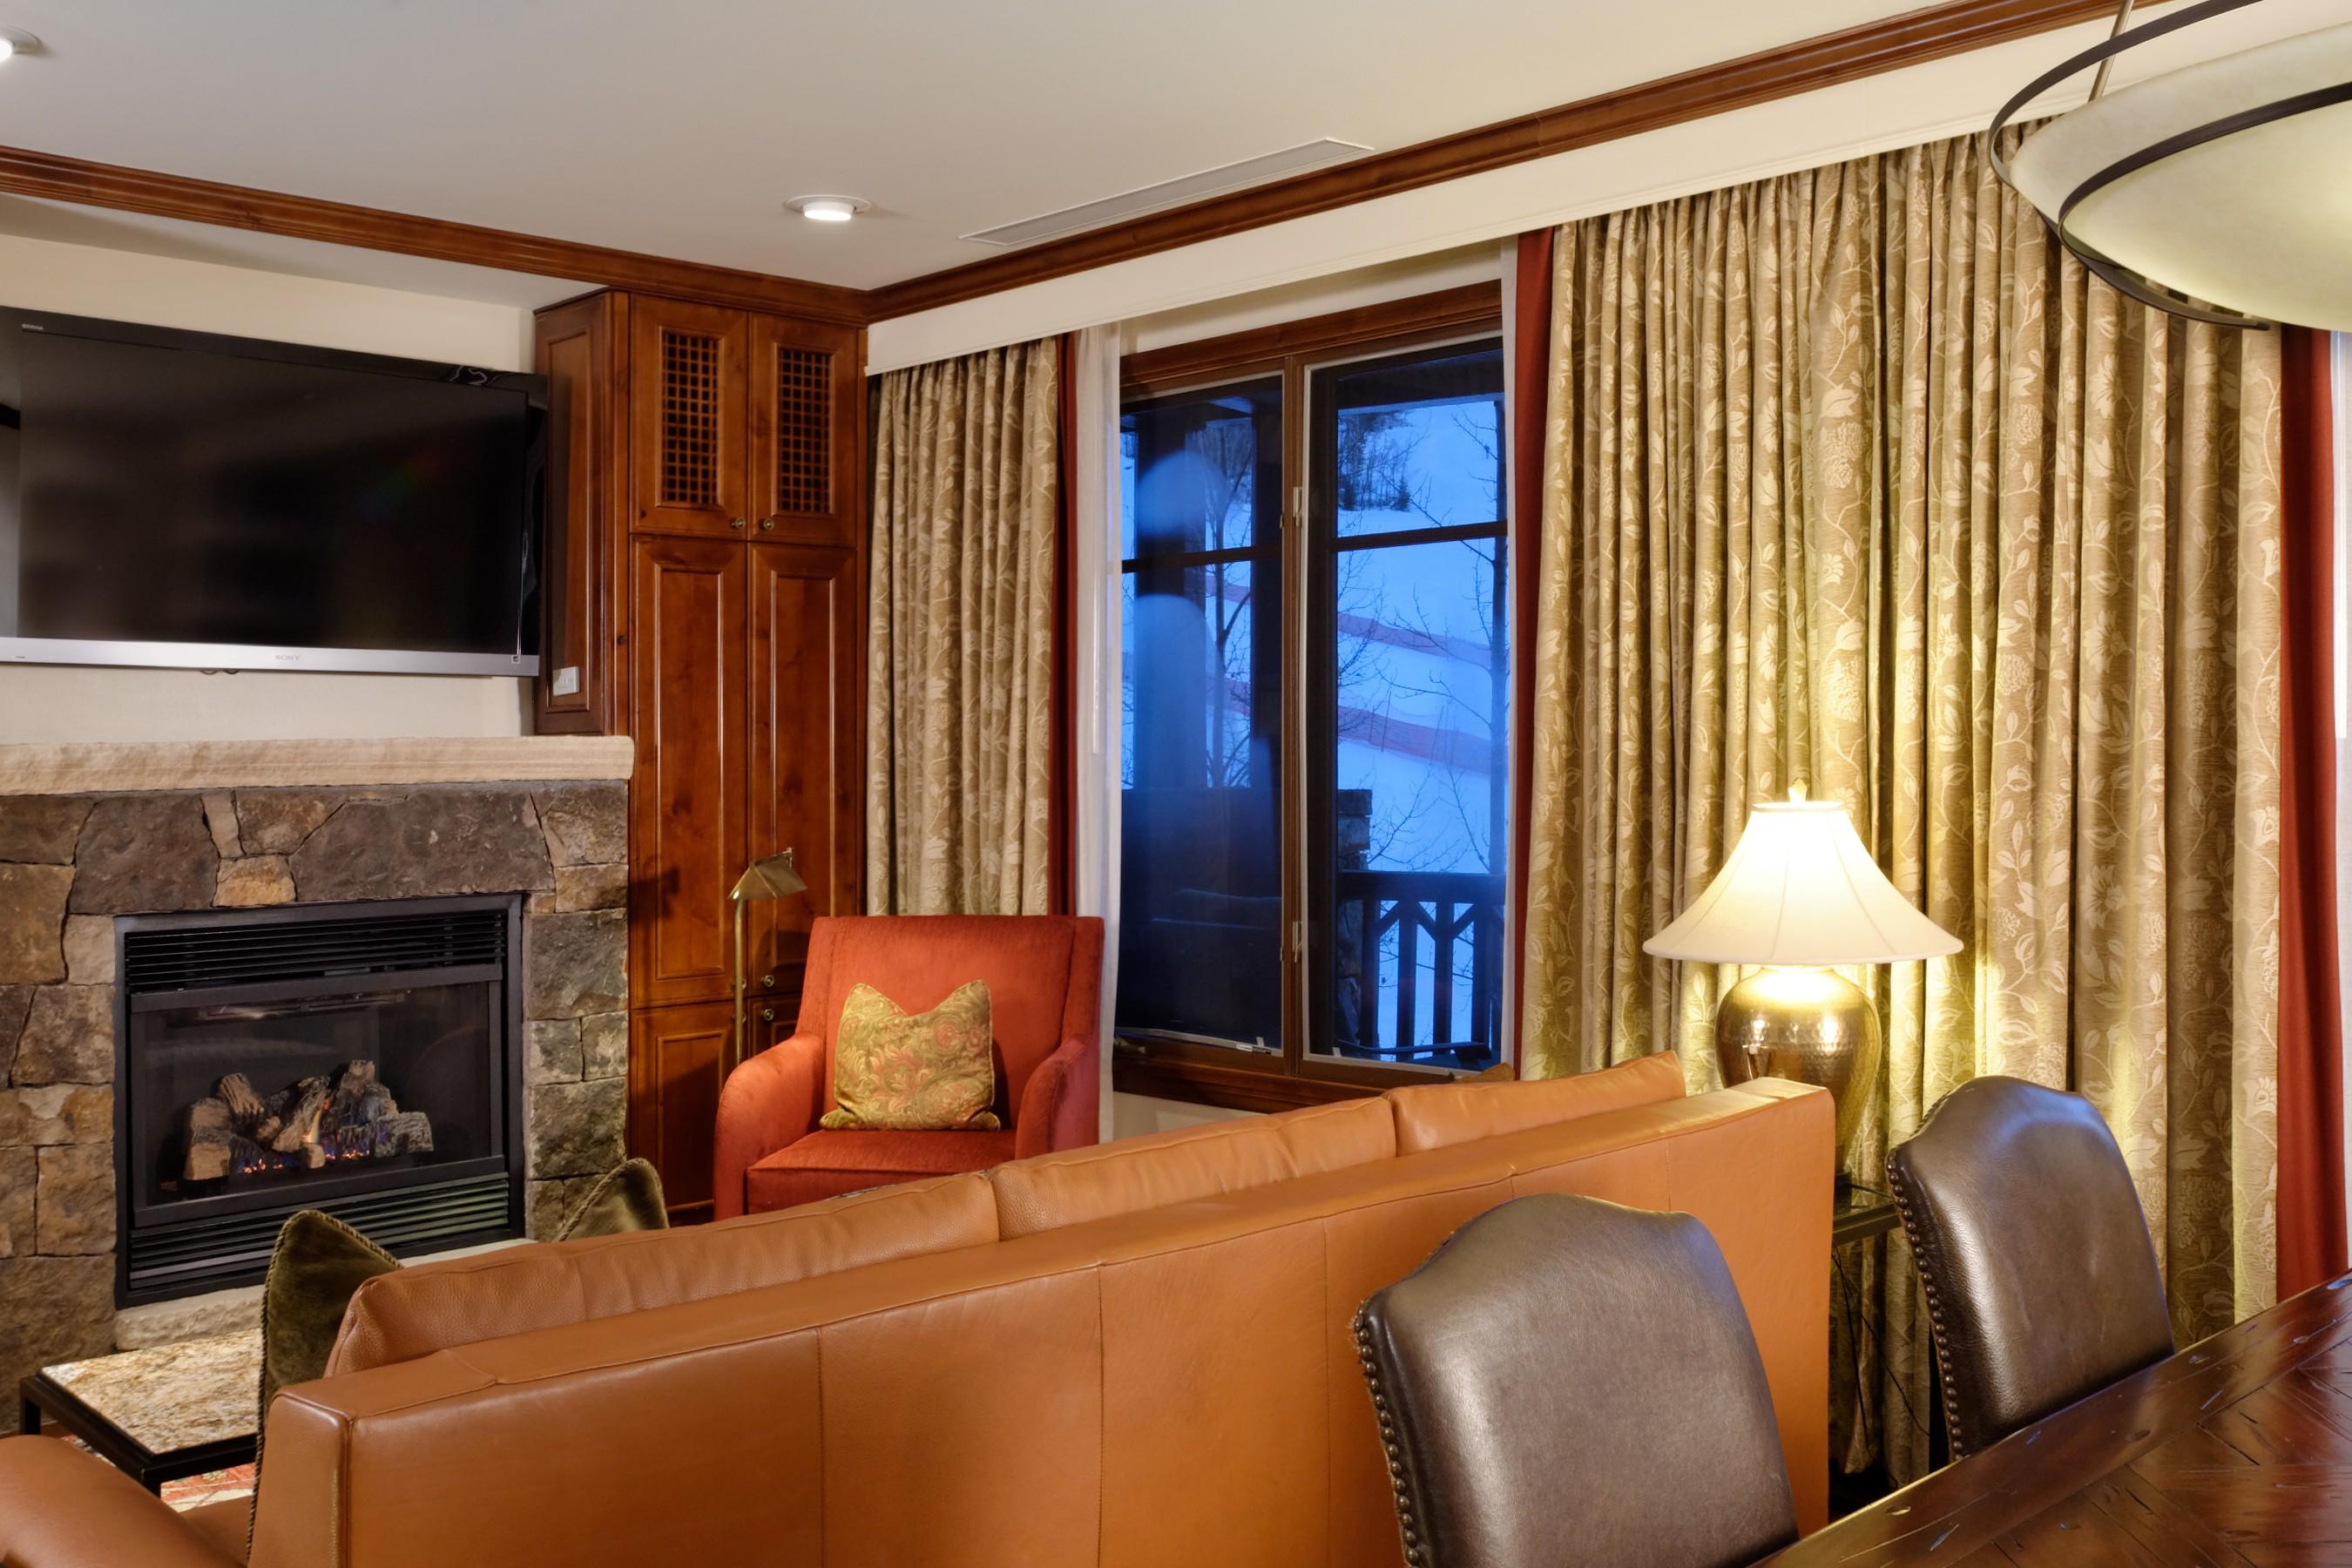 Долевое владение для того Продажа на Ritz-Carlton Club Aspen Highlands Fractional Condo Interest 0197 Prospector Road, 2304, Fixed Weeks 7, 12, 31, Ritz-Carlton Club Aspen, Колорадо, 81611 Соединенные Штаты